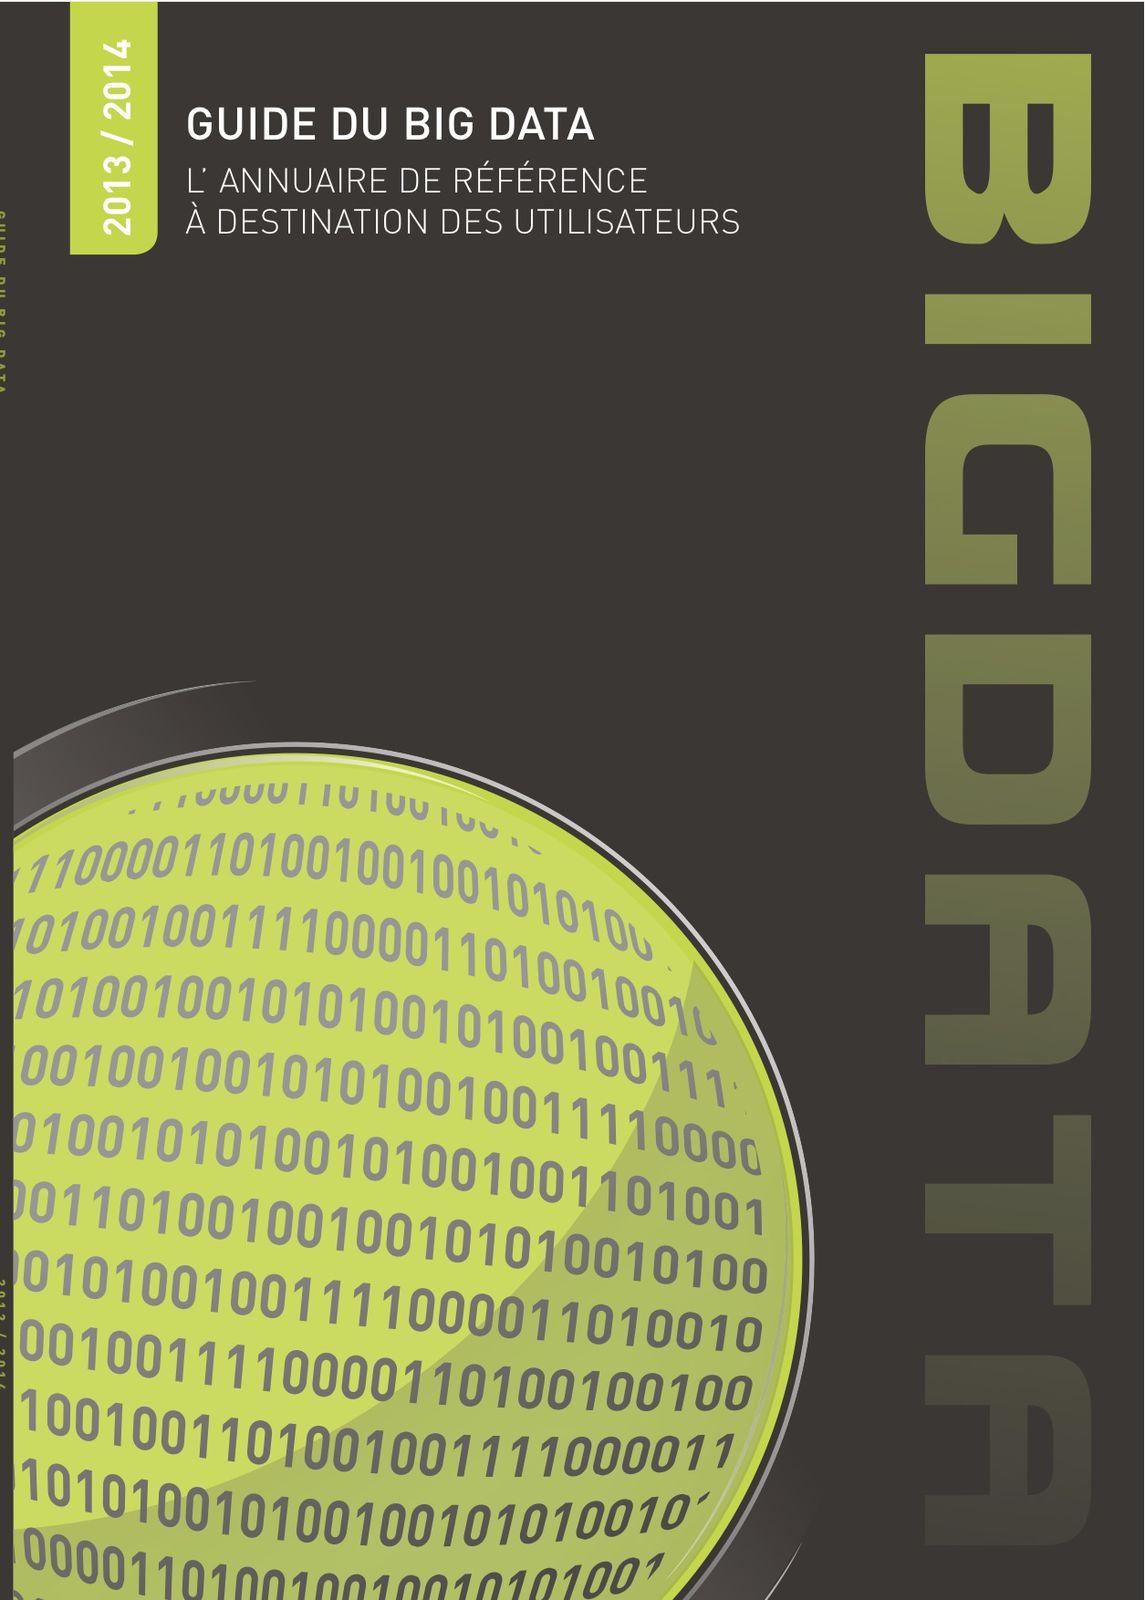 Nouveau ! l'Annuaire 2013-14 du Big DATA